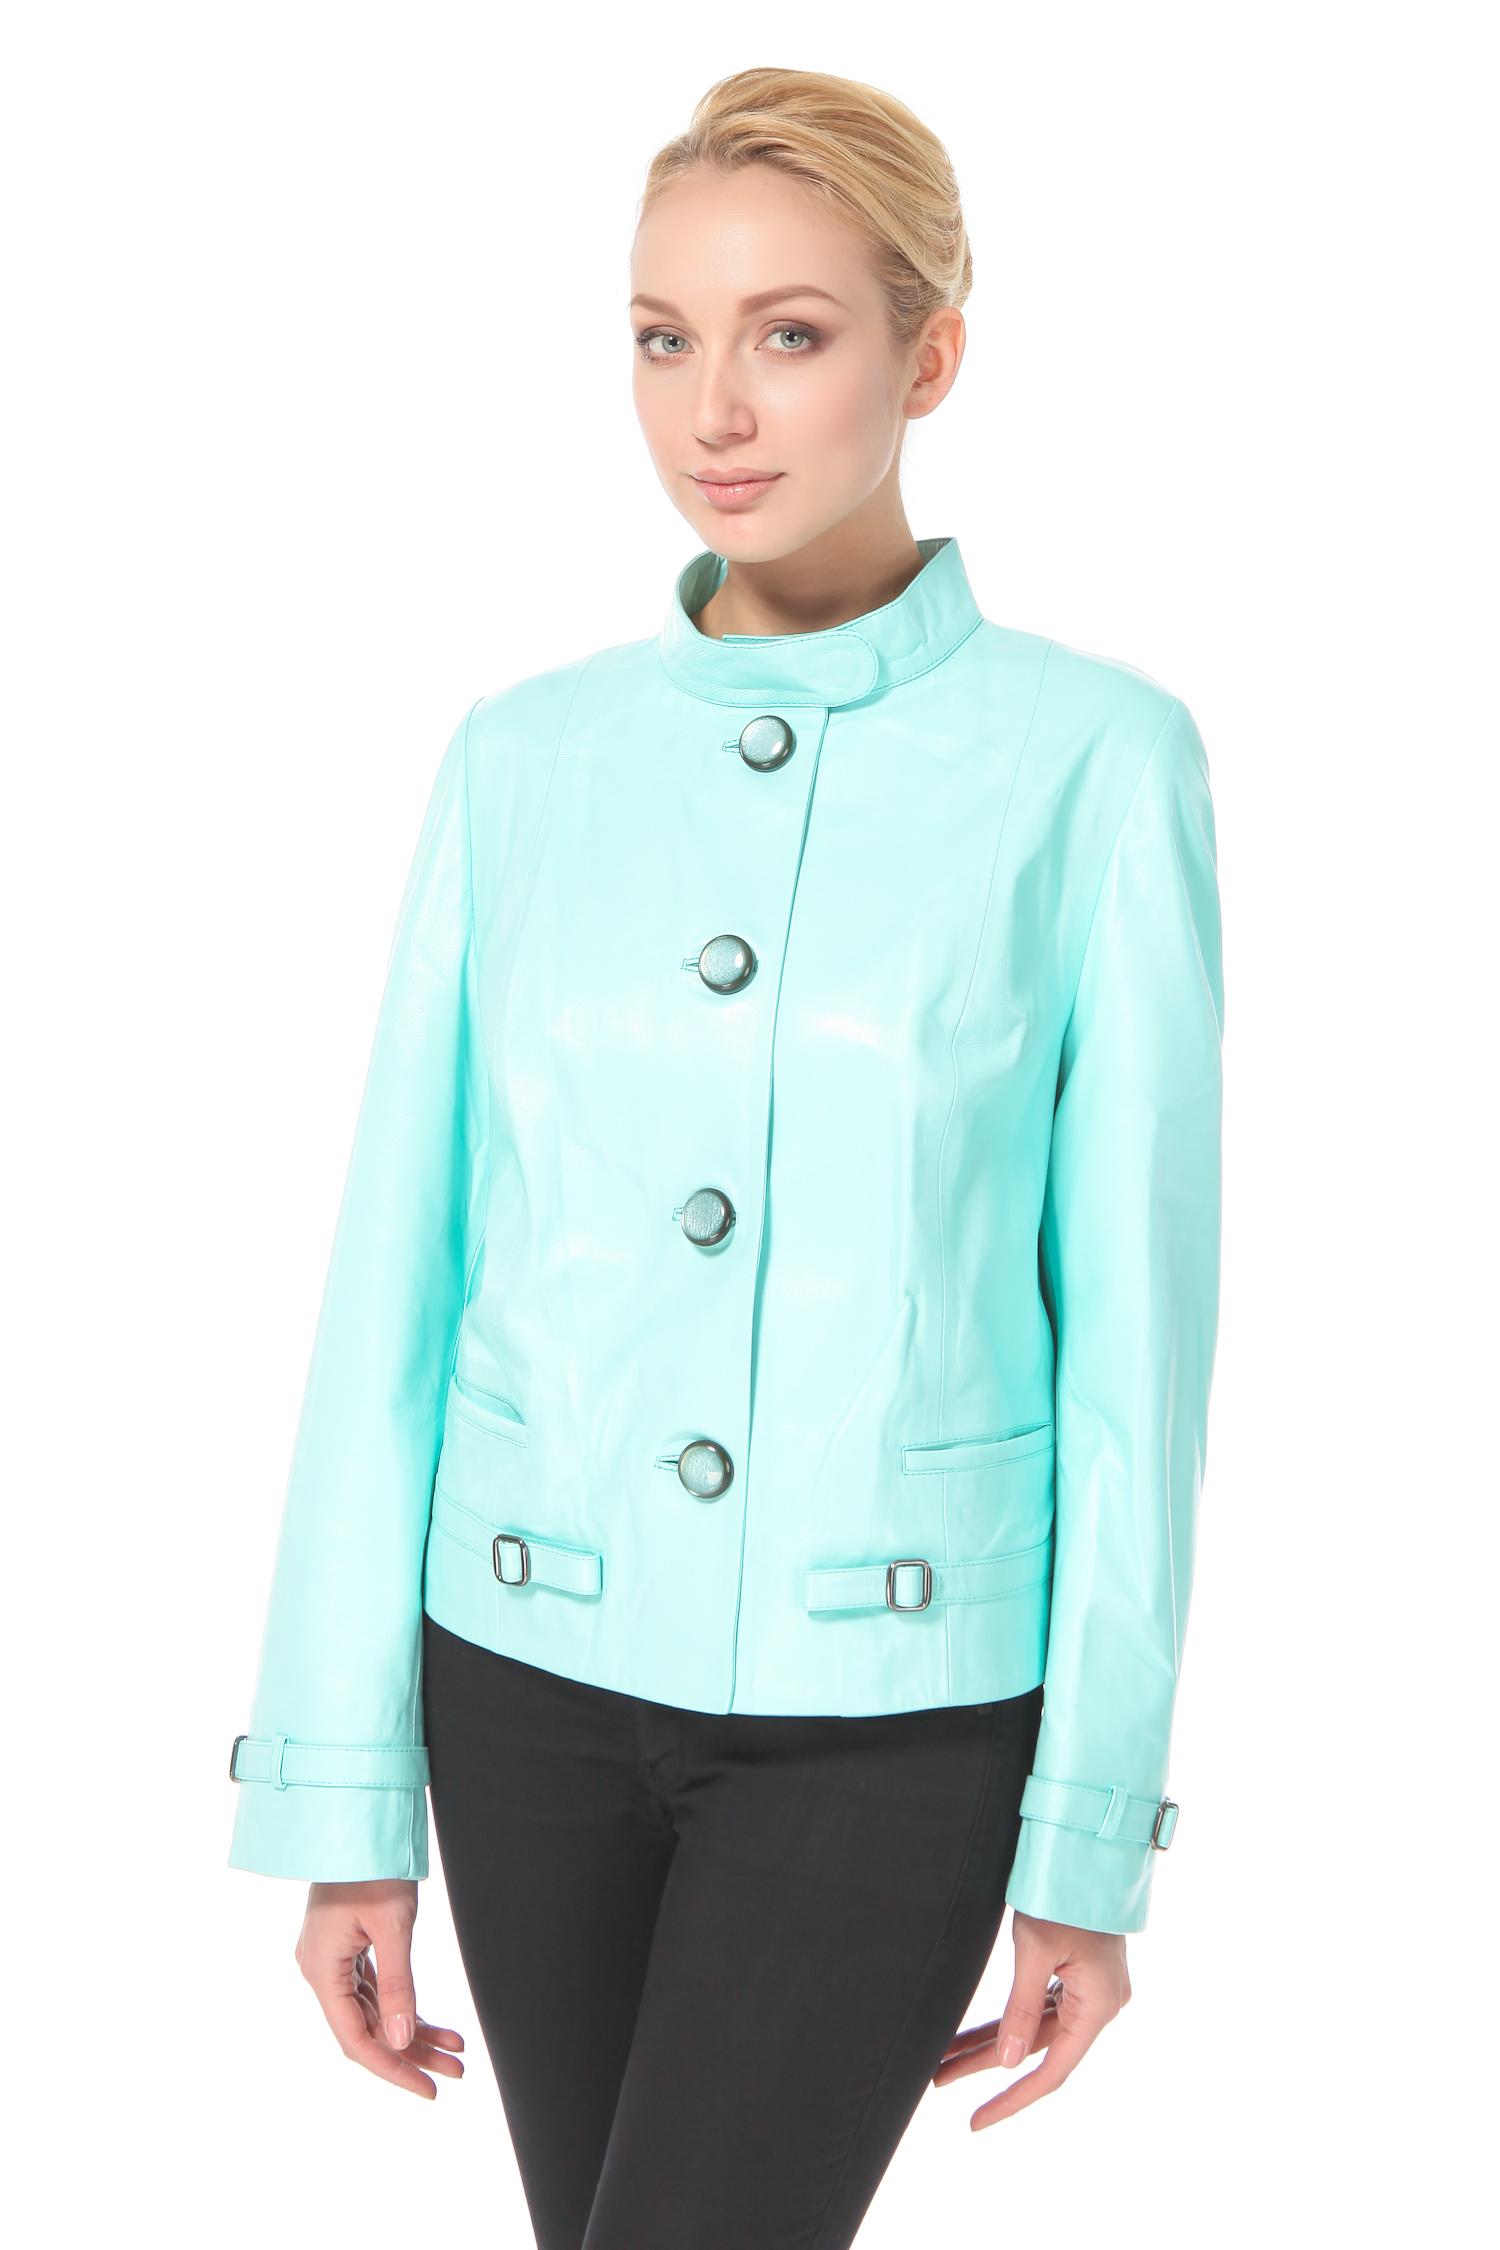 Женская кожаная куртка из натуральной кожи с воротником, без отделки<br><br>Воротник: стойка<br>Длина см: Короткая (51-74 )<br>Материал: Кожа овчина<br>Цвет: бирюзовый<br>Застежка: на пуговицы<br>Пол: Женский<br>Размер RU: 64